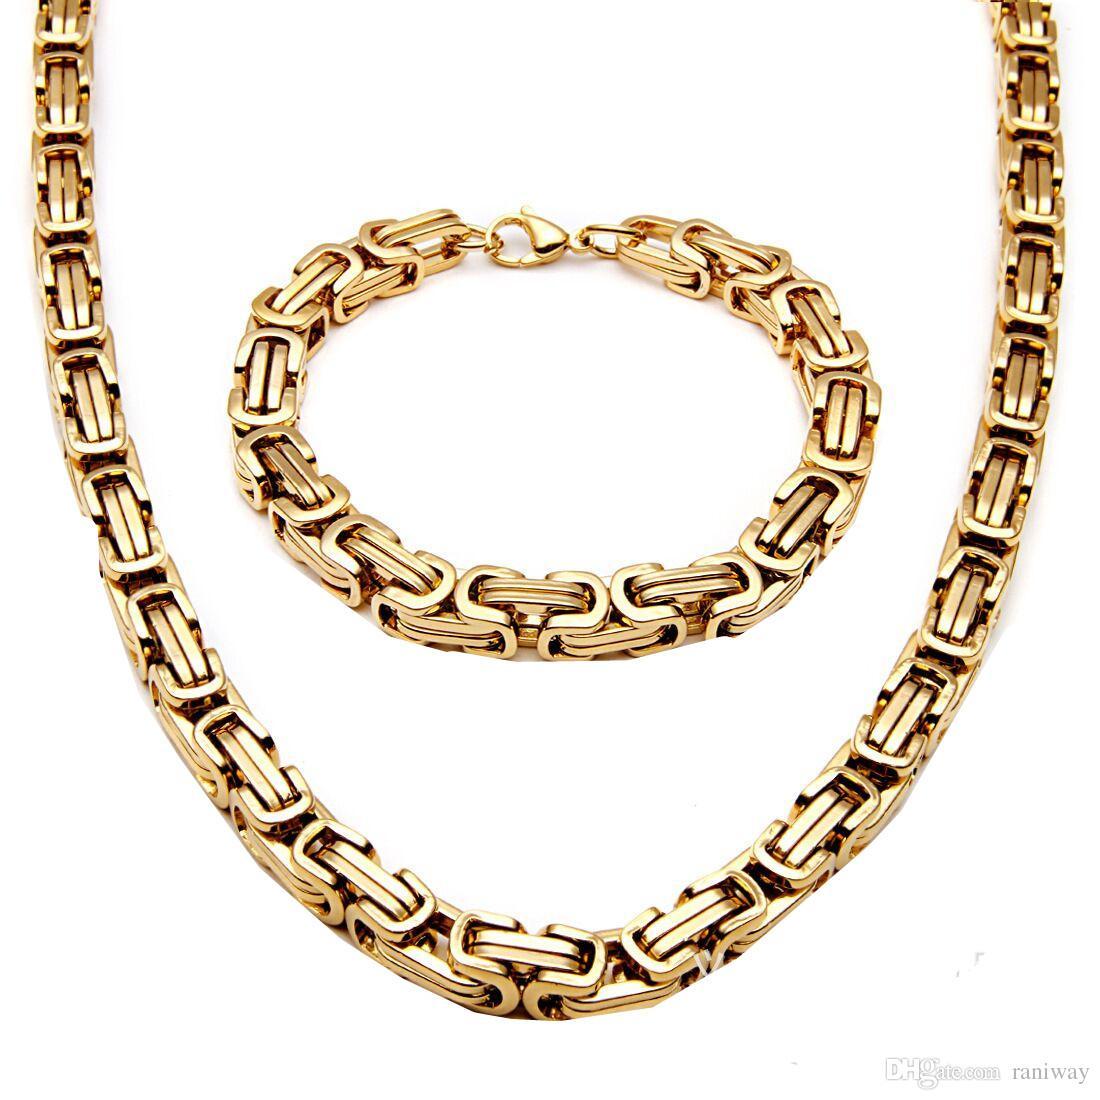 خمر رجل الفولاذ المقاوم للصدأ سوار قلادة سلسلة البيزنطية مكتنزة الثقيلة المعادن الذهب لهجة 2 قطع مجموعة مجوهرات الشرير الصخرة ستايل